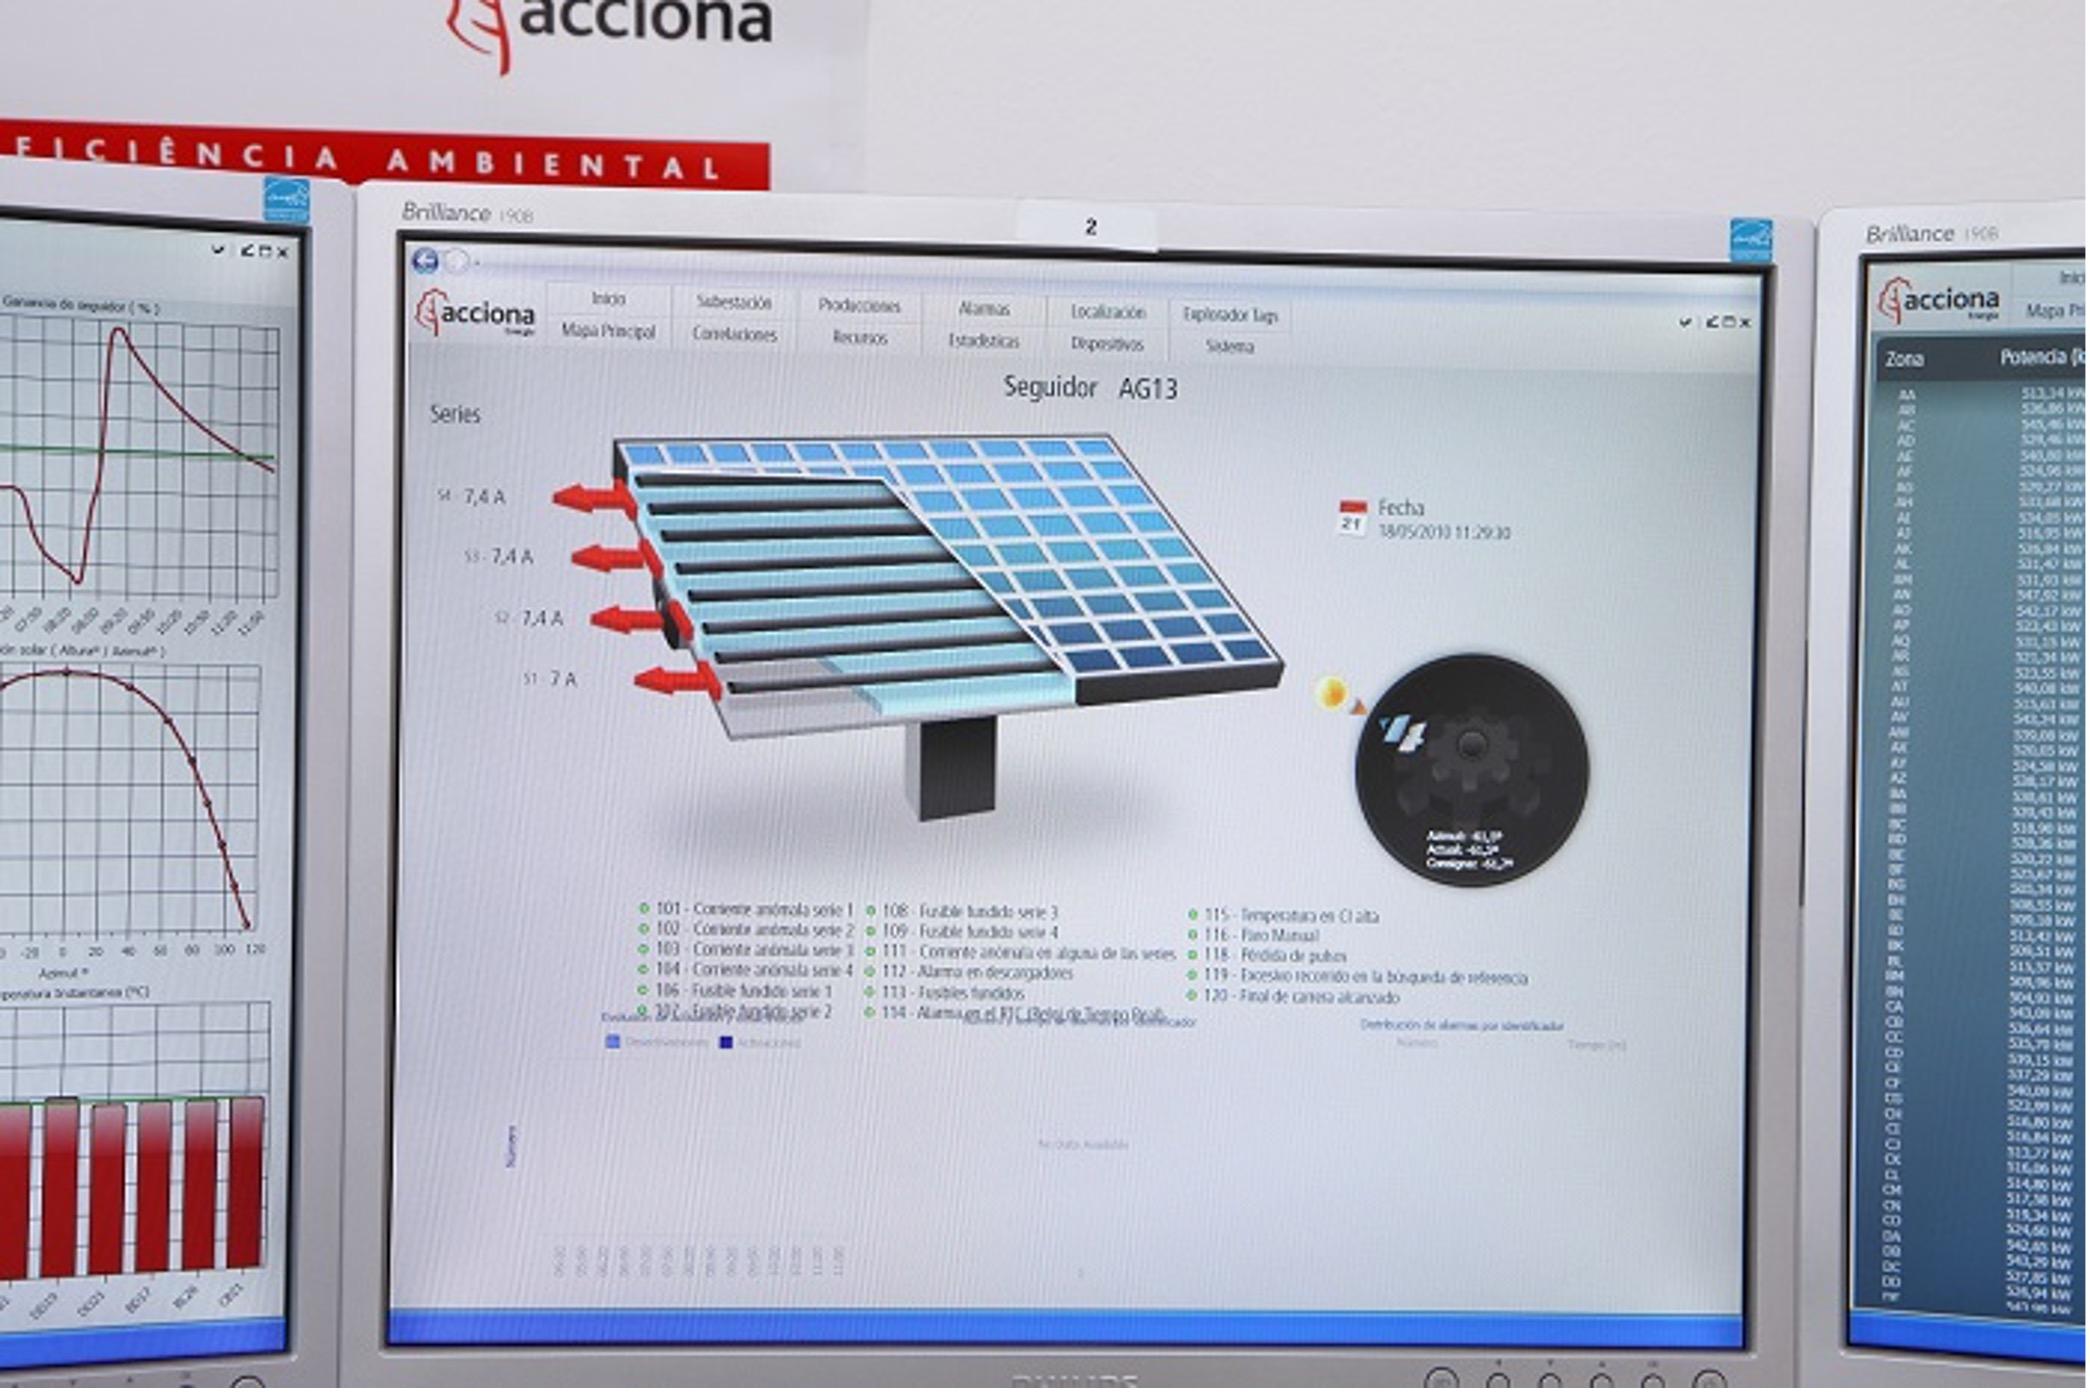 Şekil 4: Rotor ünitesi için işletme verilerinin görüntülenmesi